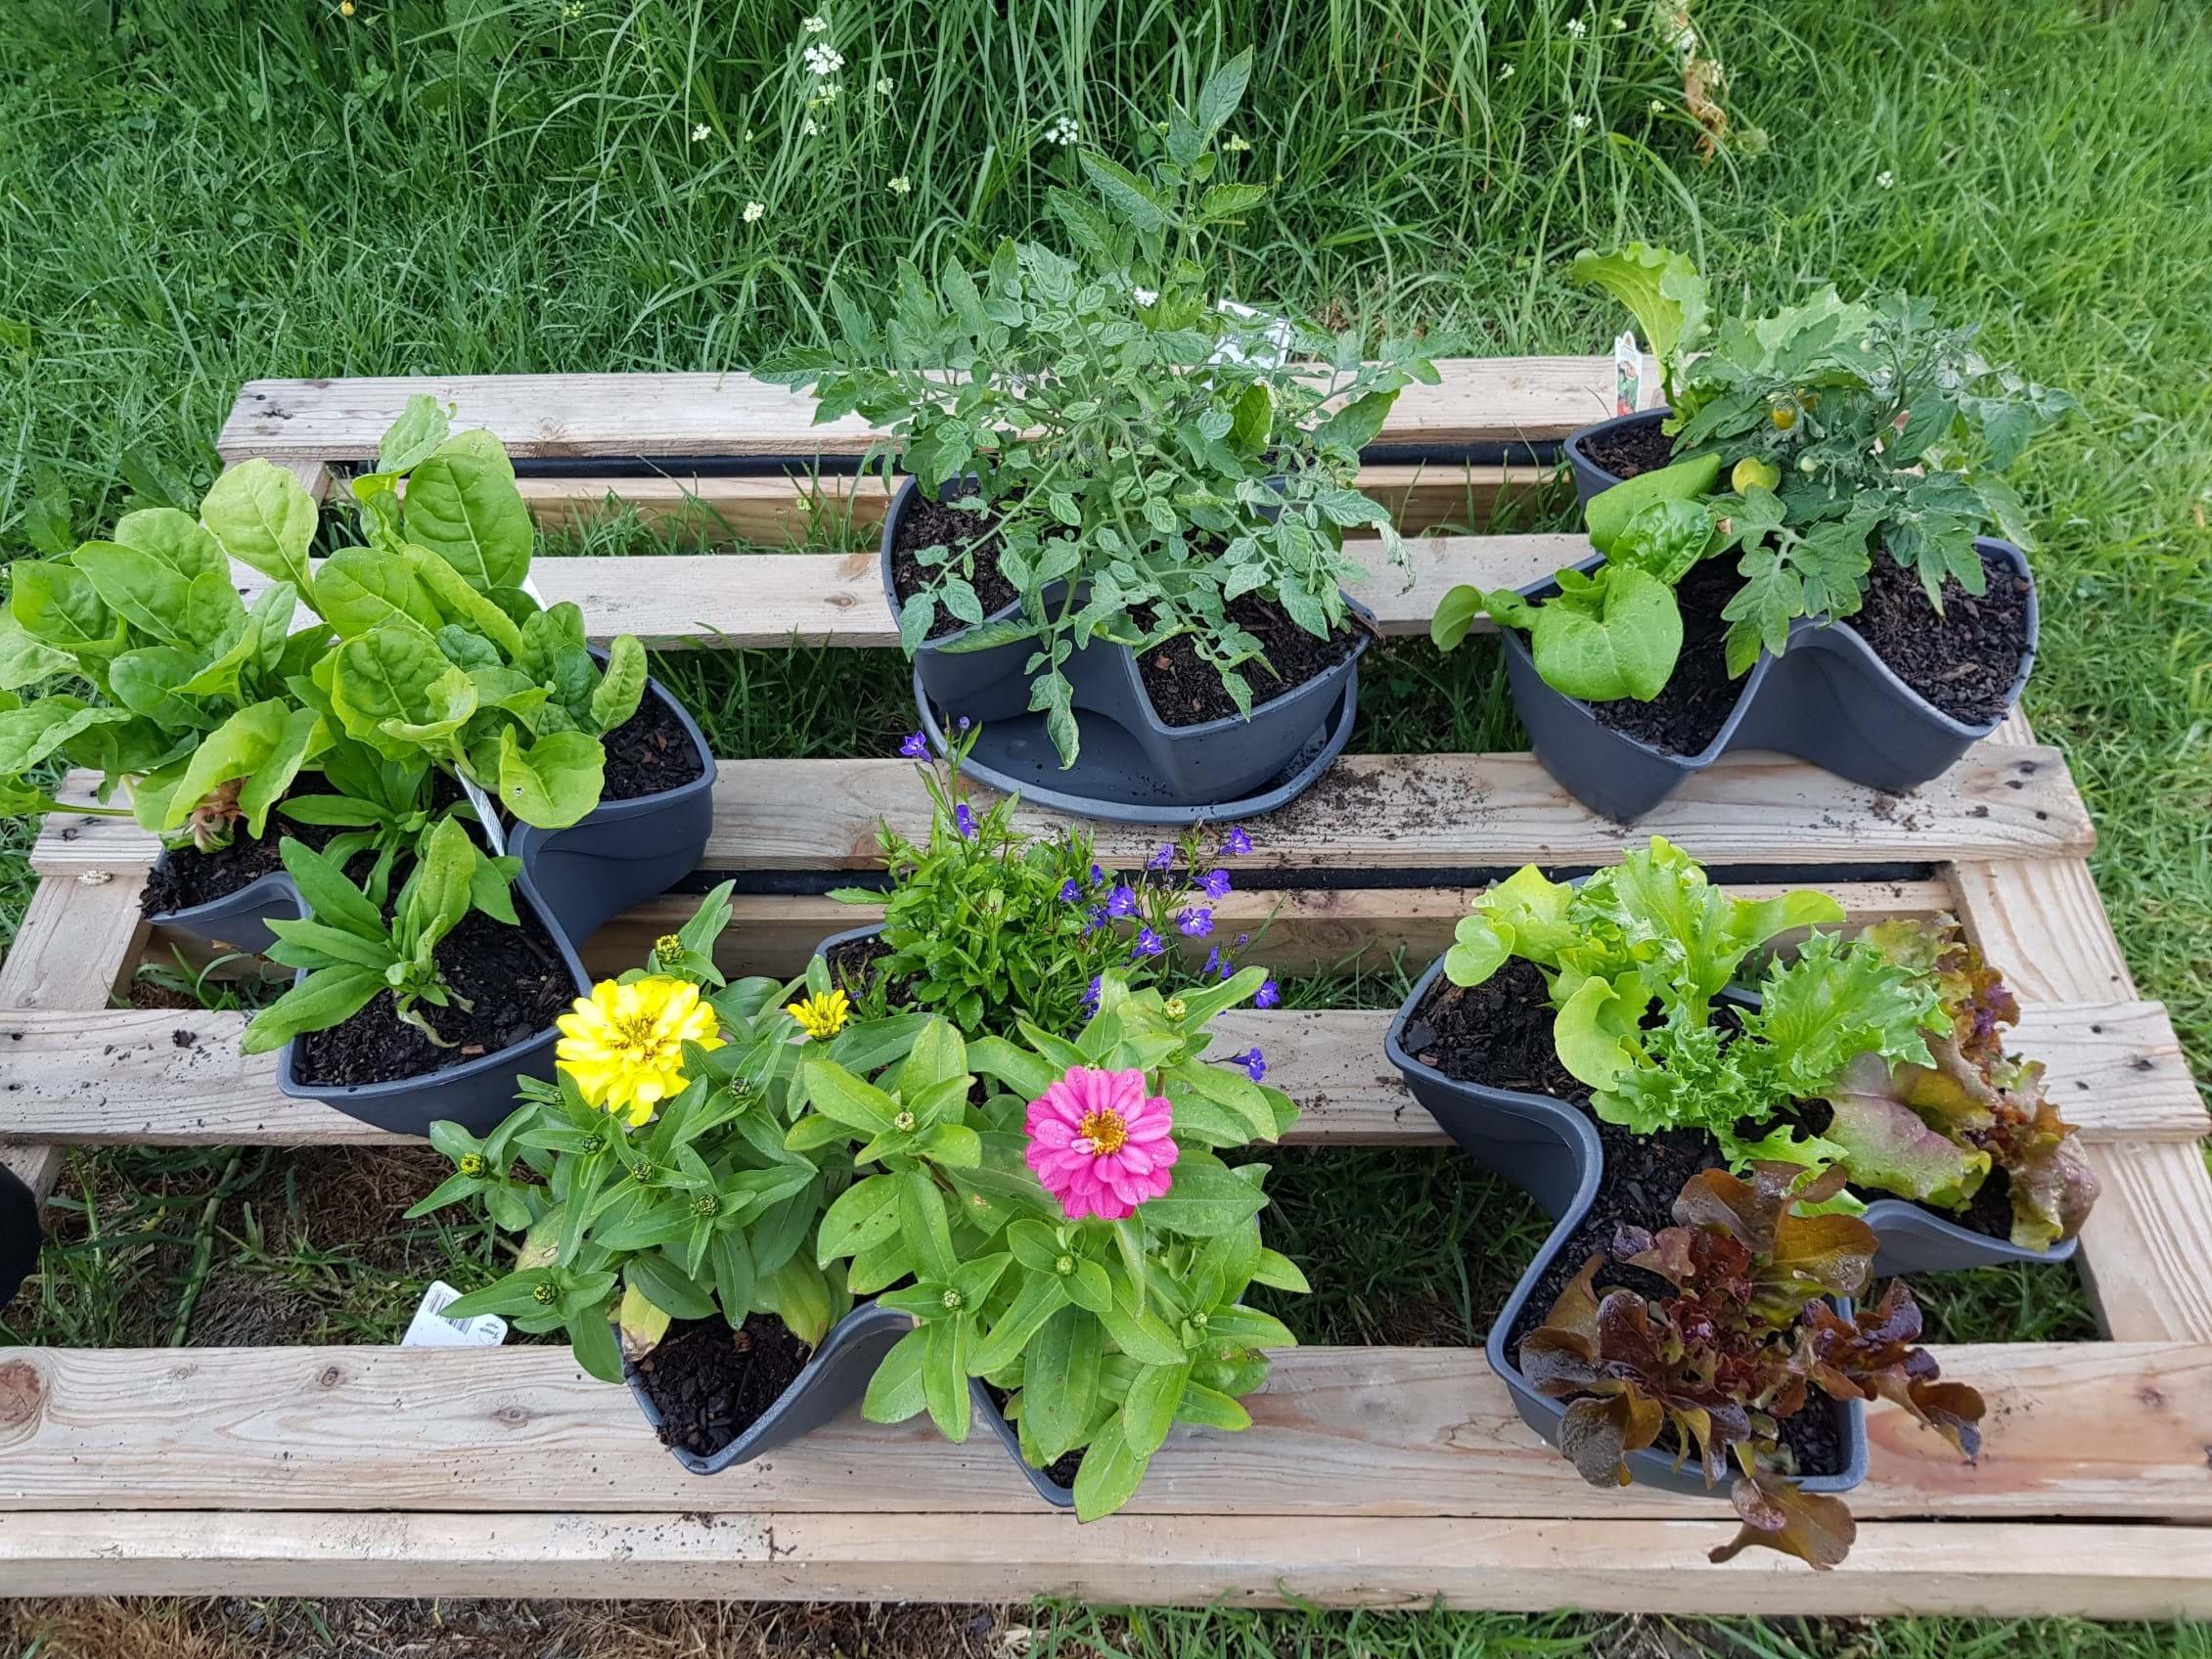 Our new little garden